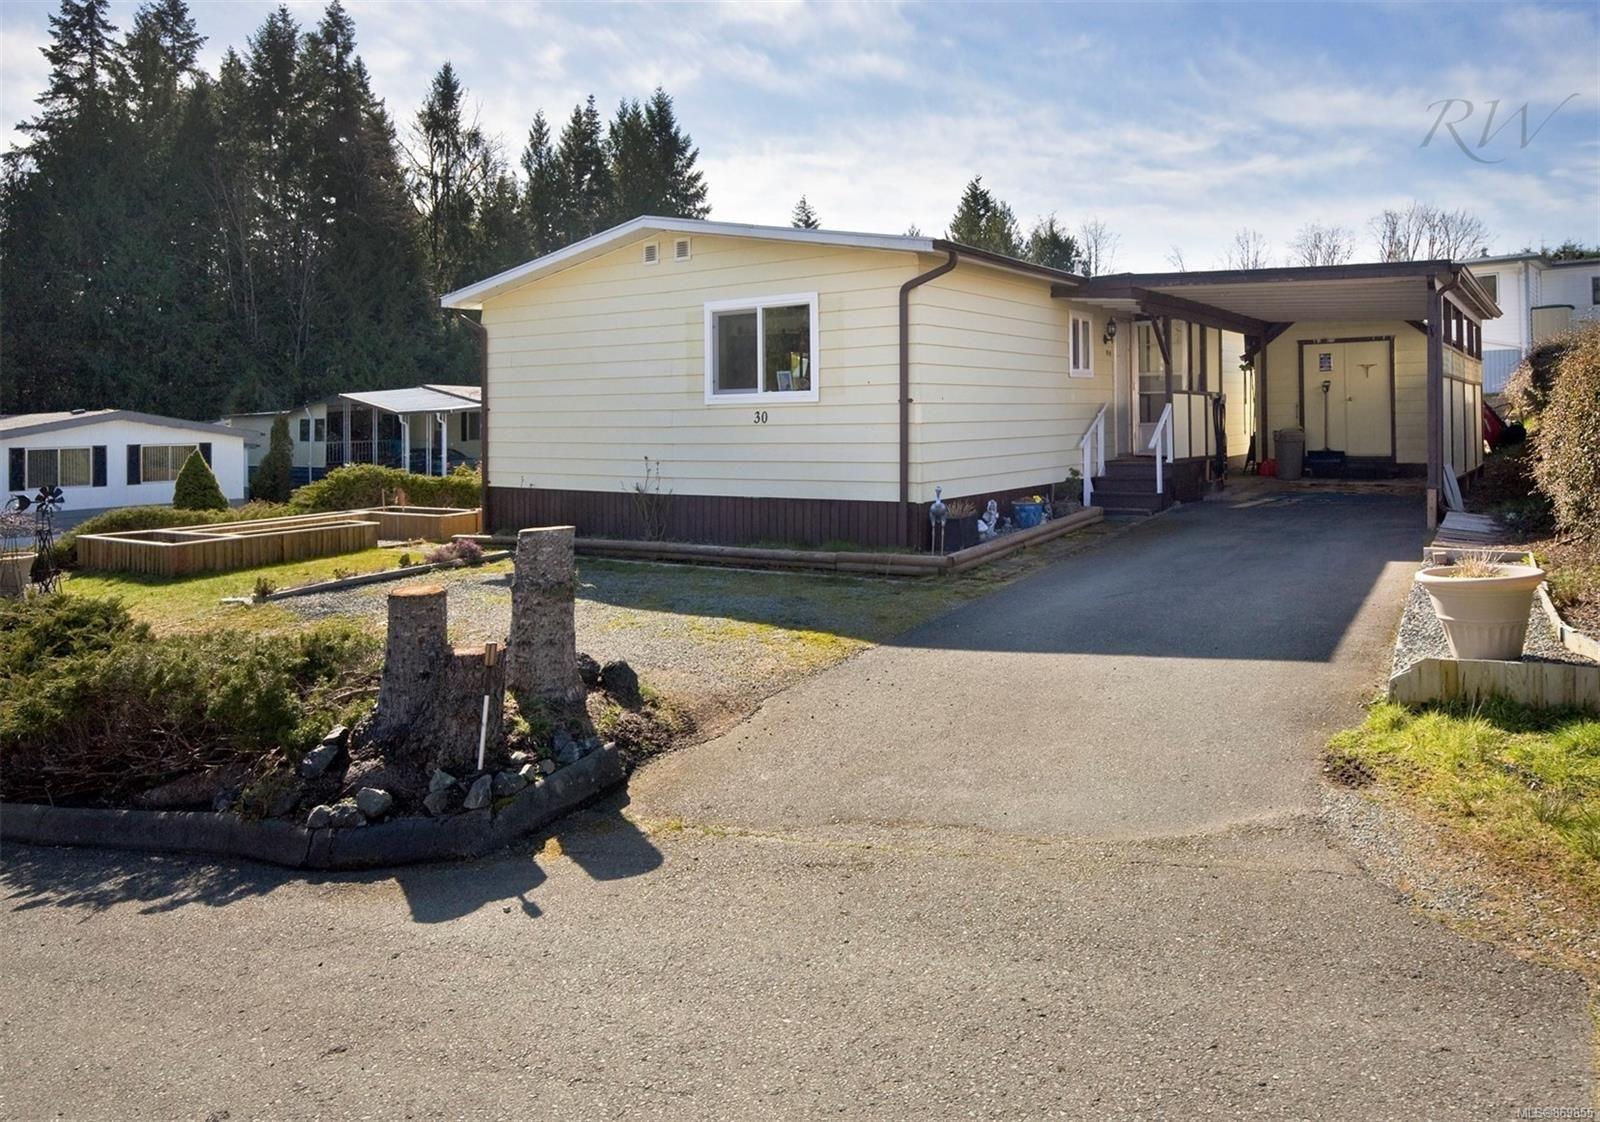 Main Photo: 30 4935 Broughton St in Port Alberni: PA Port Alberni Manufactured Home for sale : MLS®# 869855